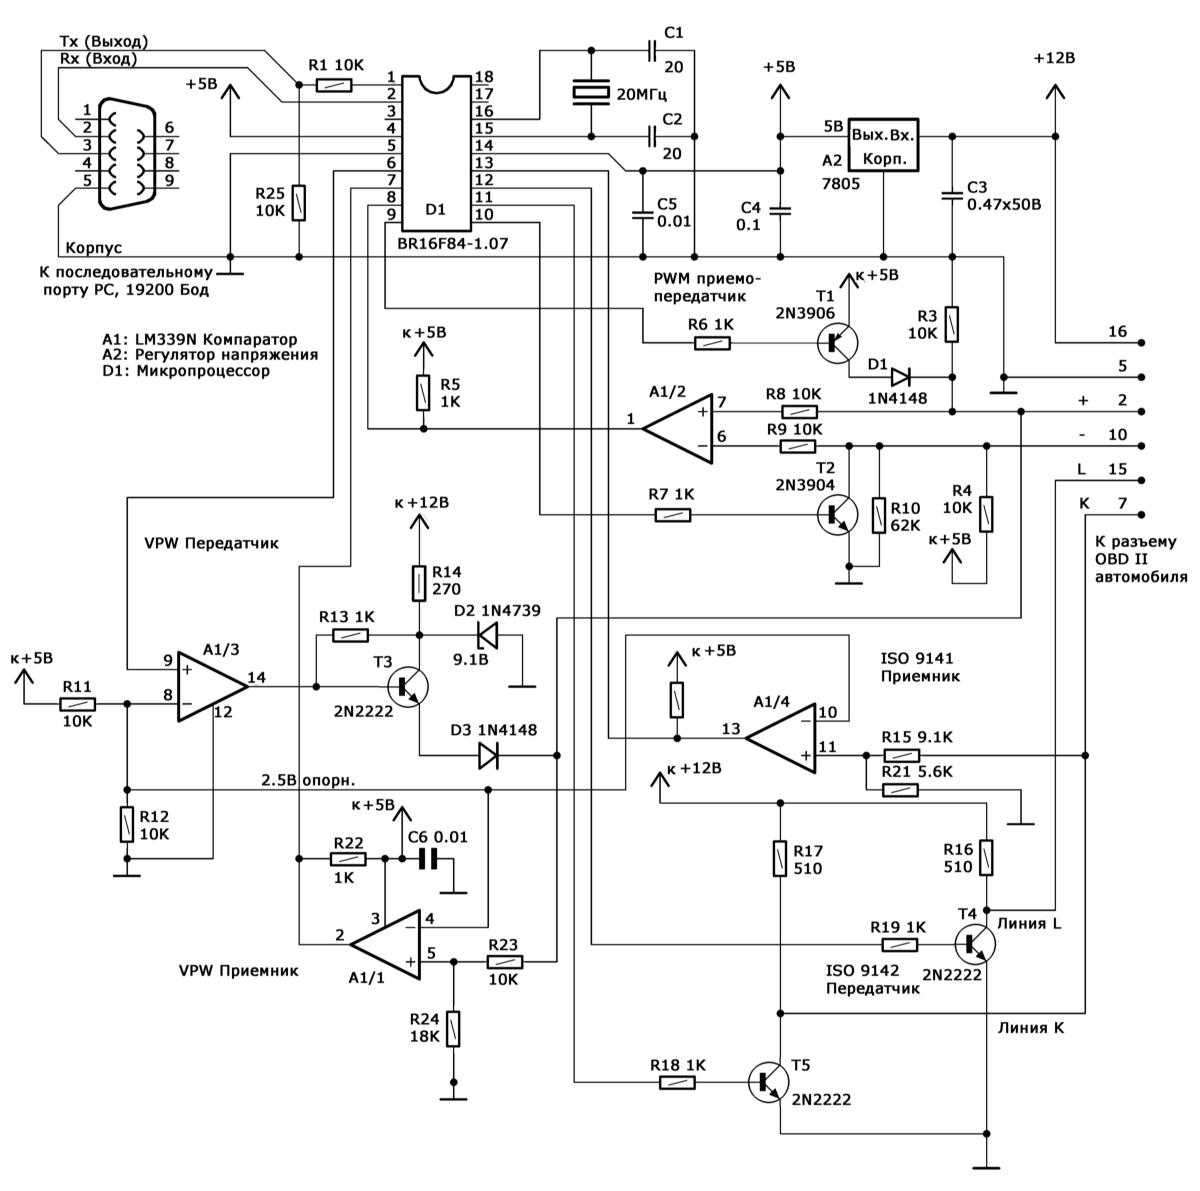 Схема организации подключения PC к диагностическому разъему DLC бортовой системы самодиагностики OBD II посредством...